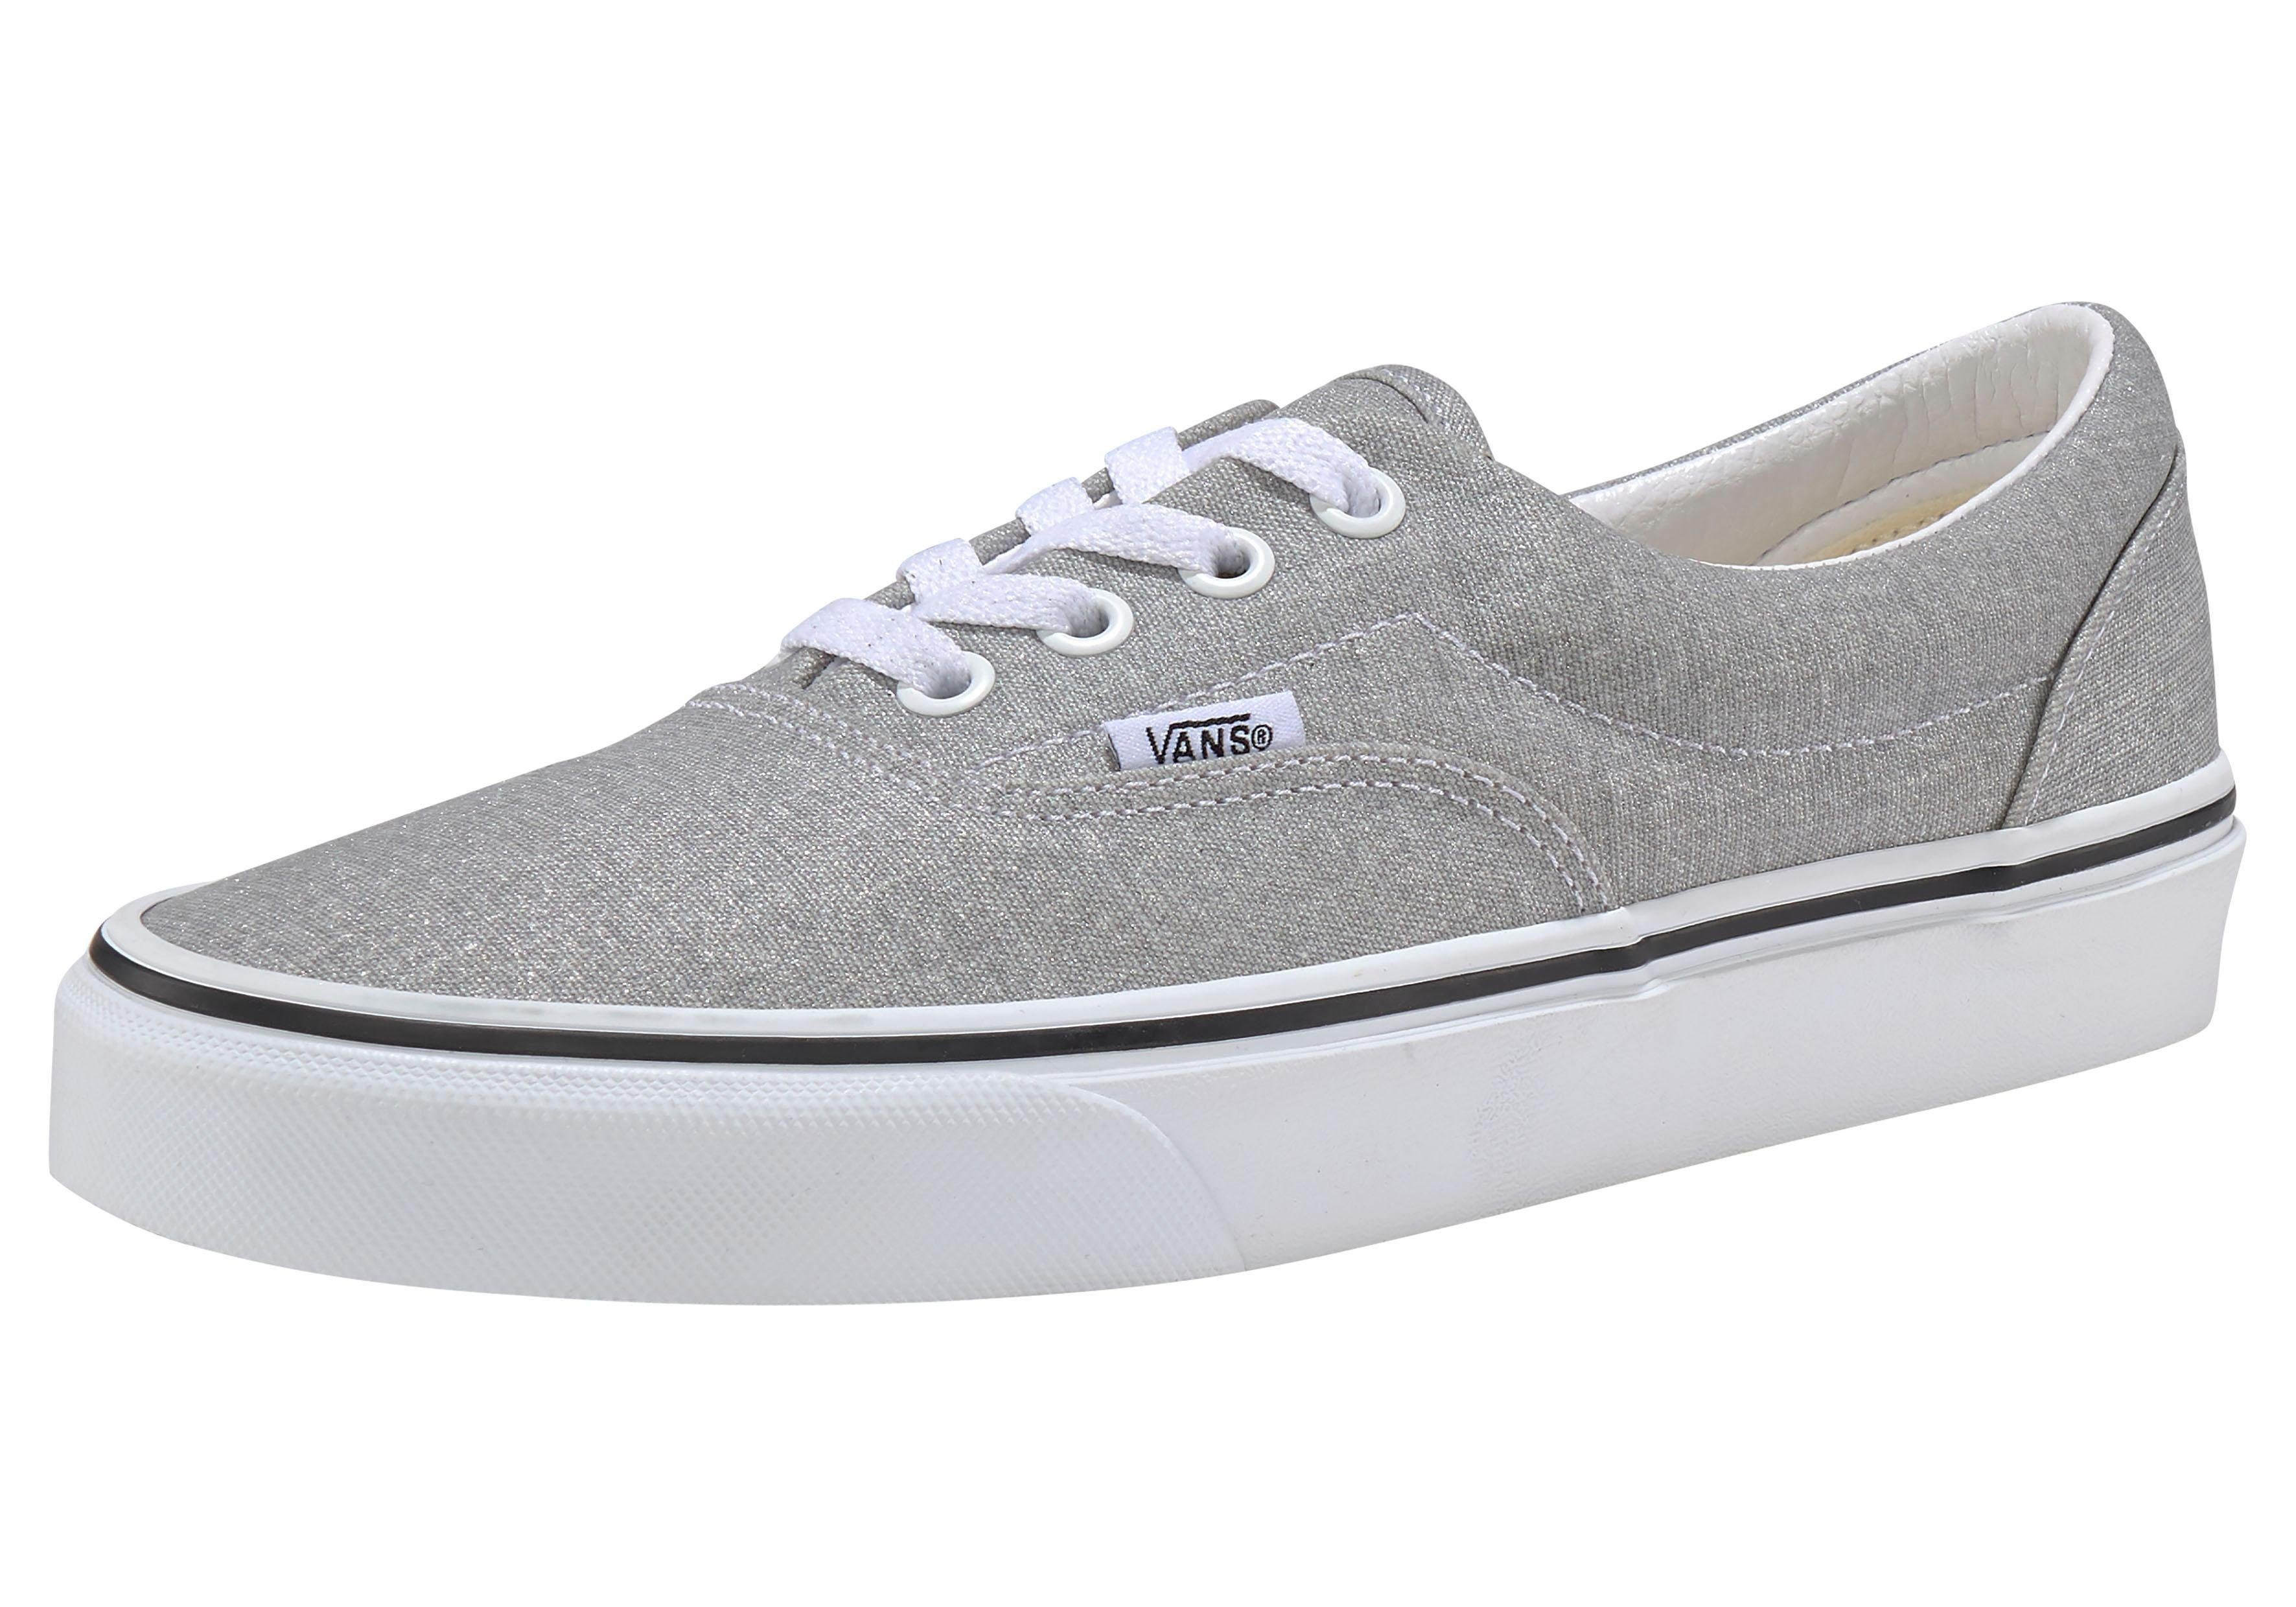 Vans »Era« Sneaker, Schlichter Sneaker von Vans online kaufen | OTTO